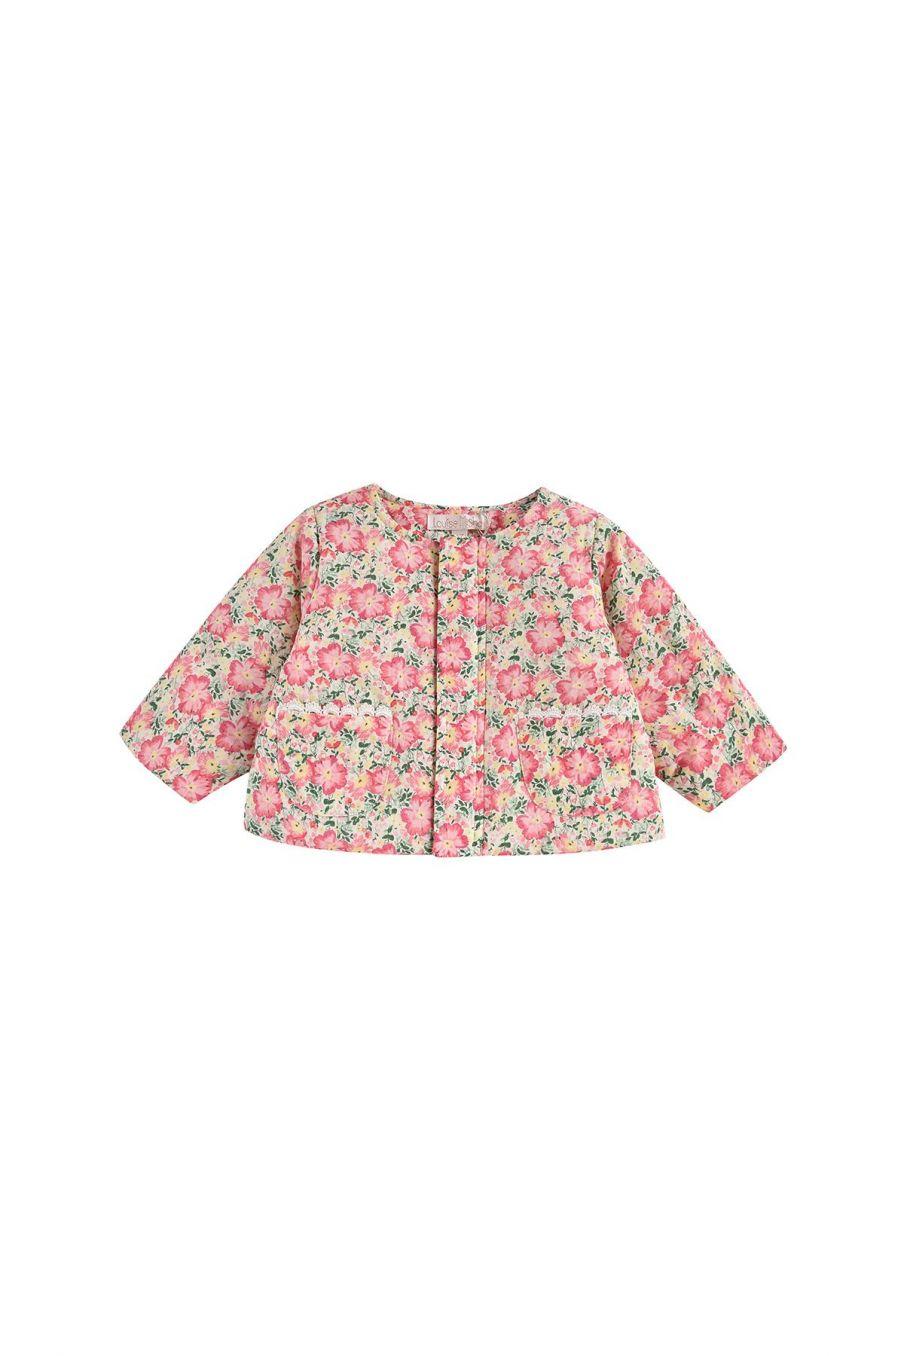 boheme chic vintage veste bébé fille soluta pink meadow